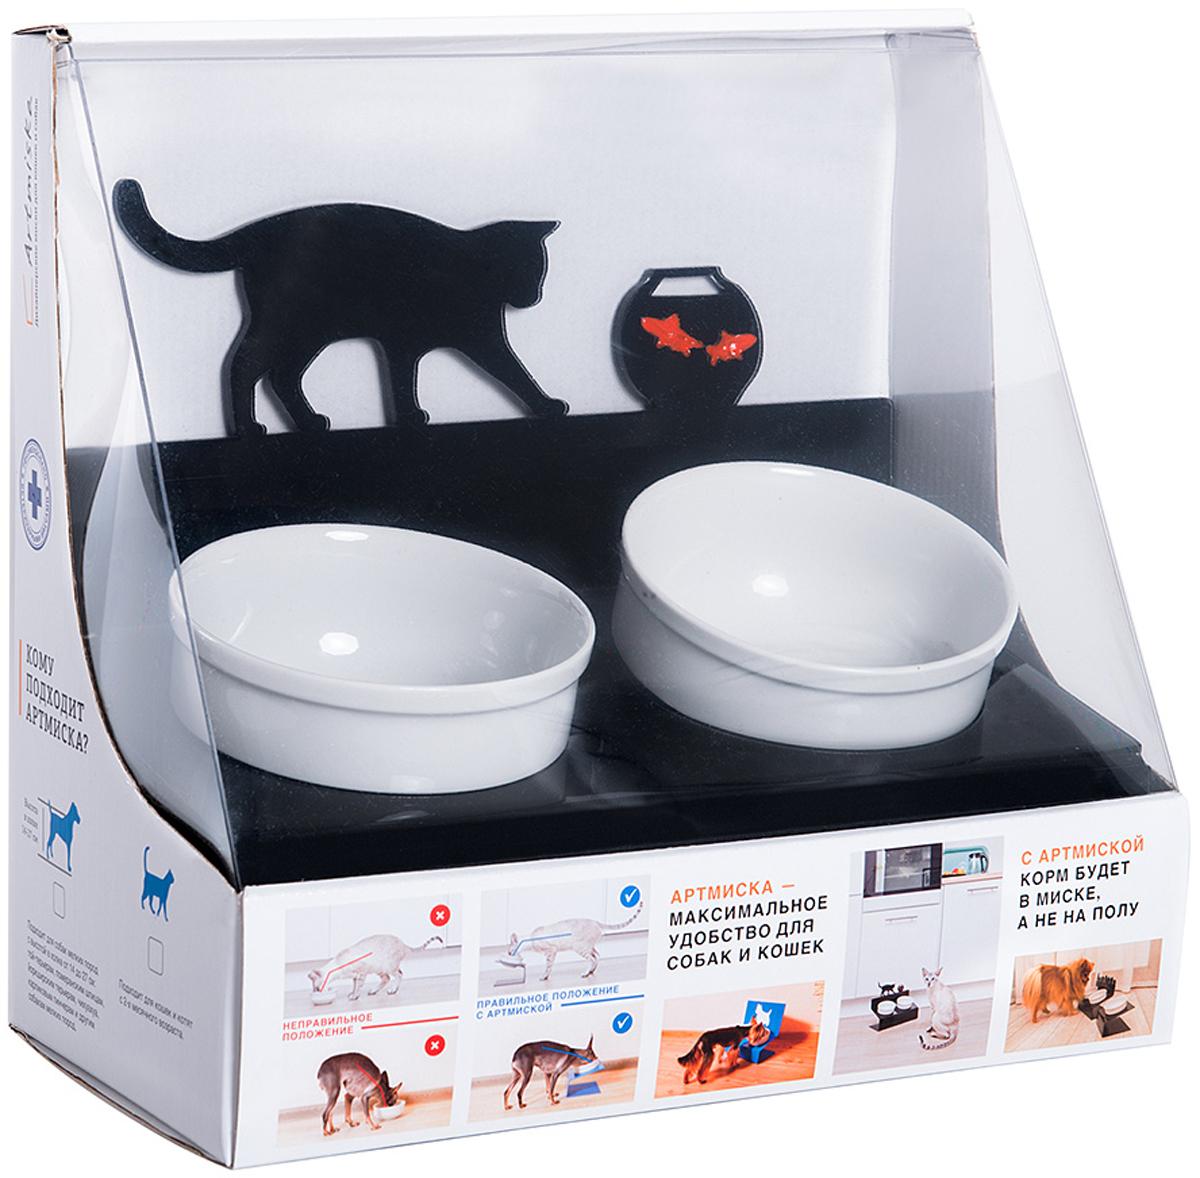 Как сделать миску для кошки? Рыжий кот 35